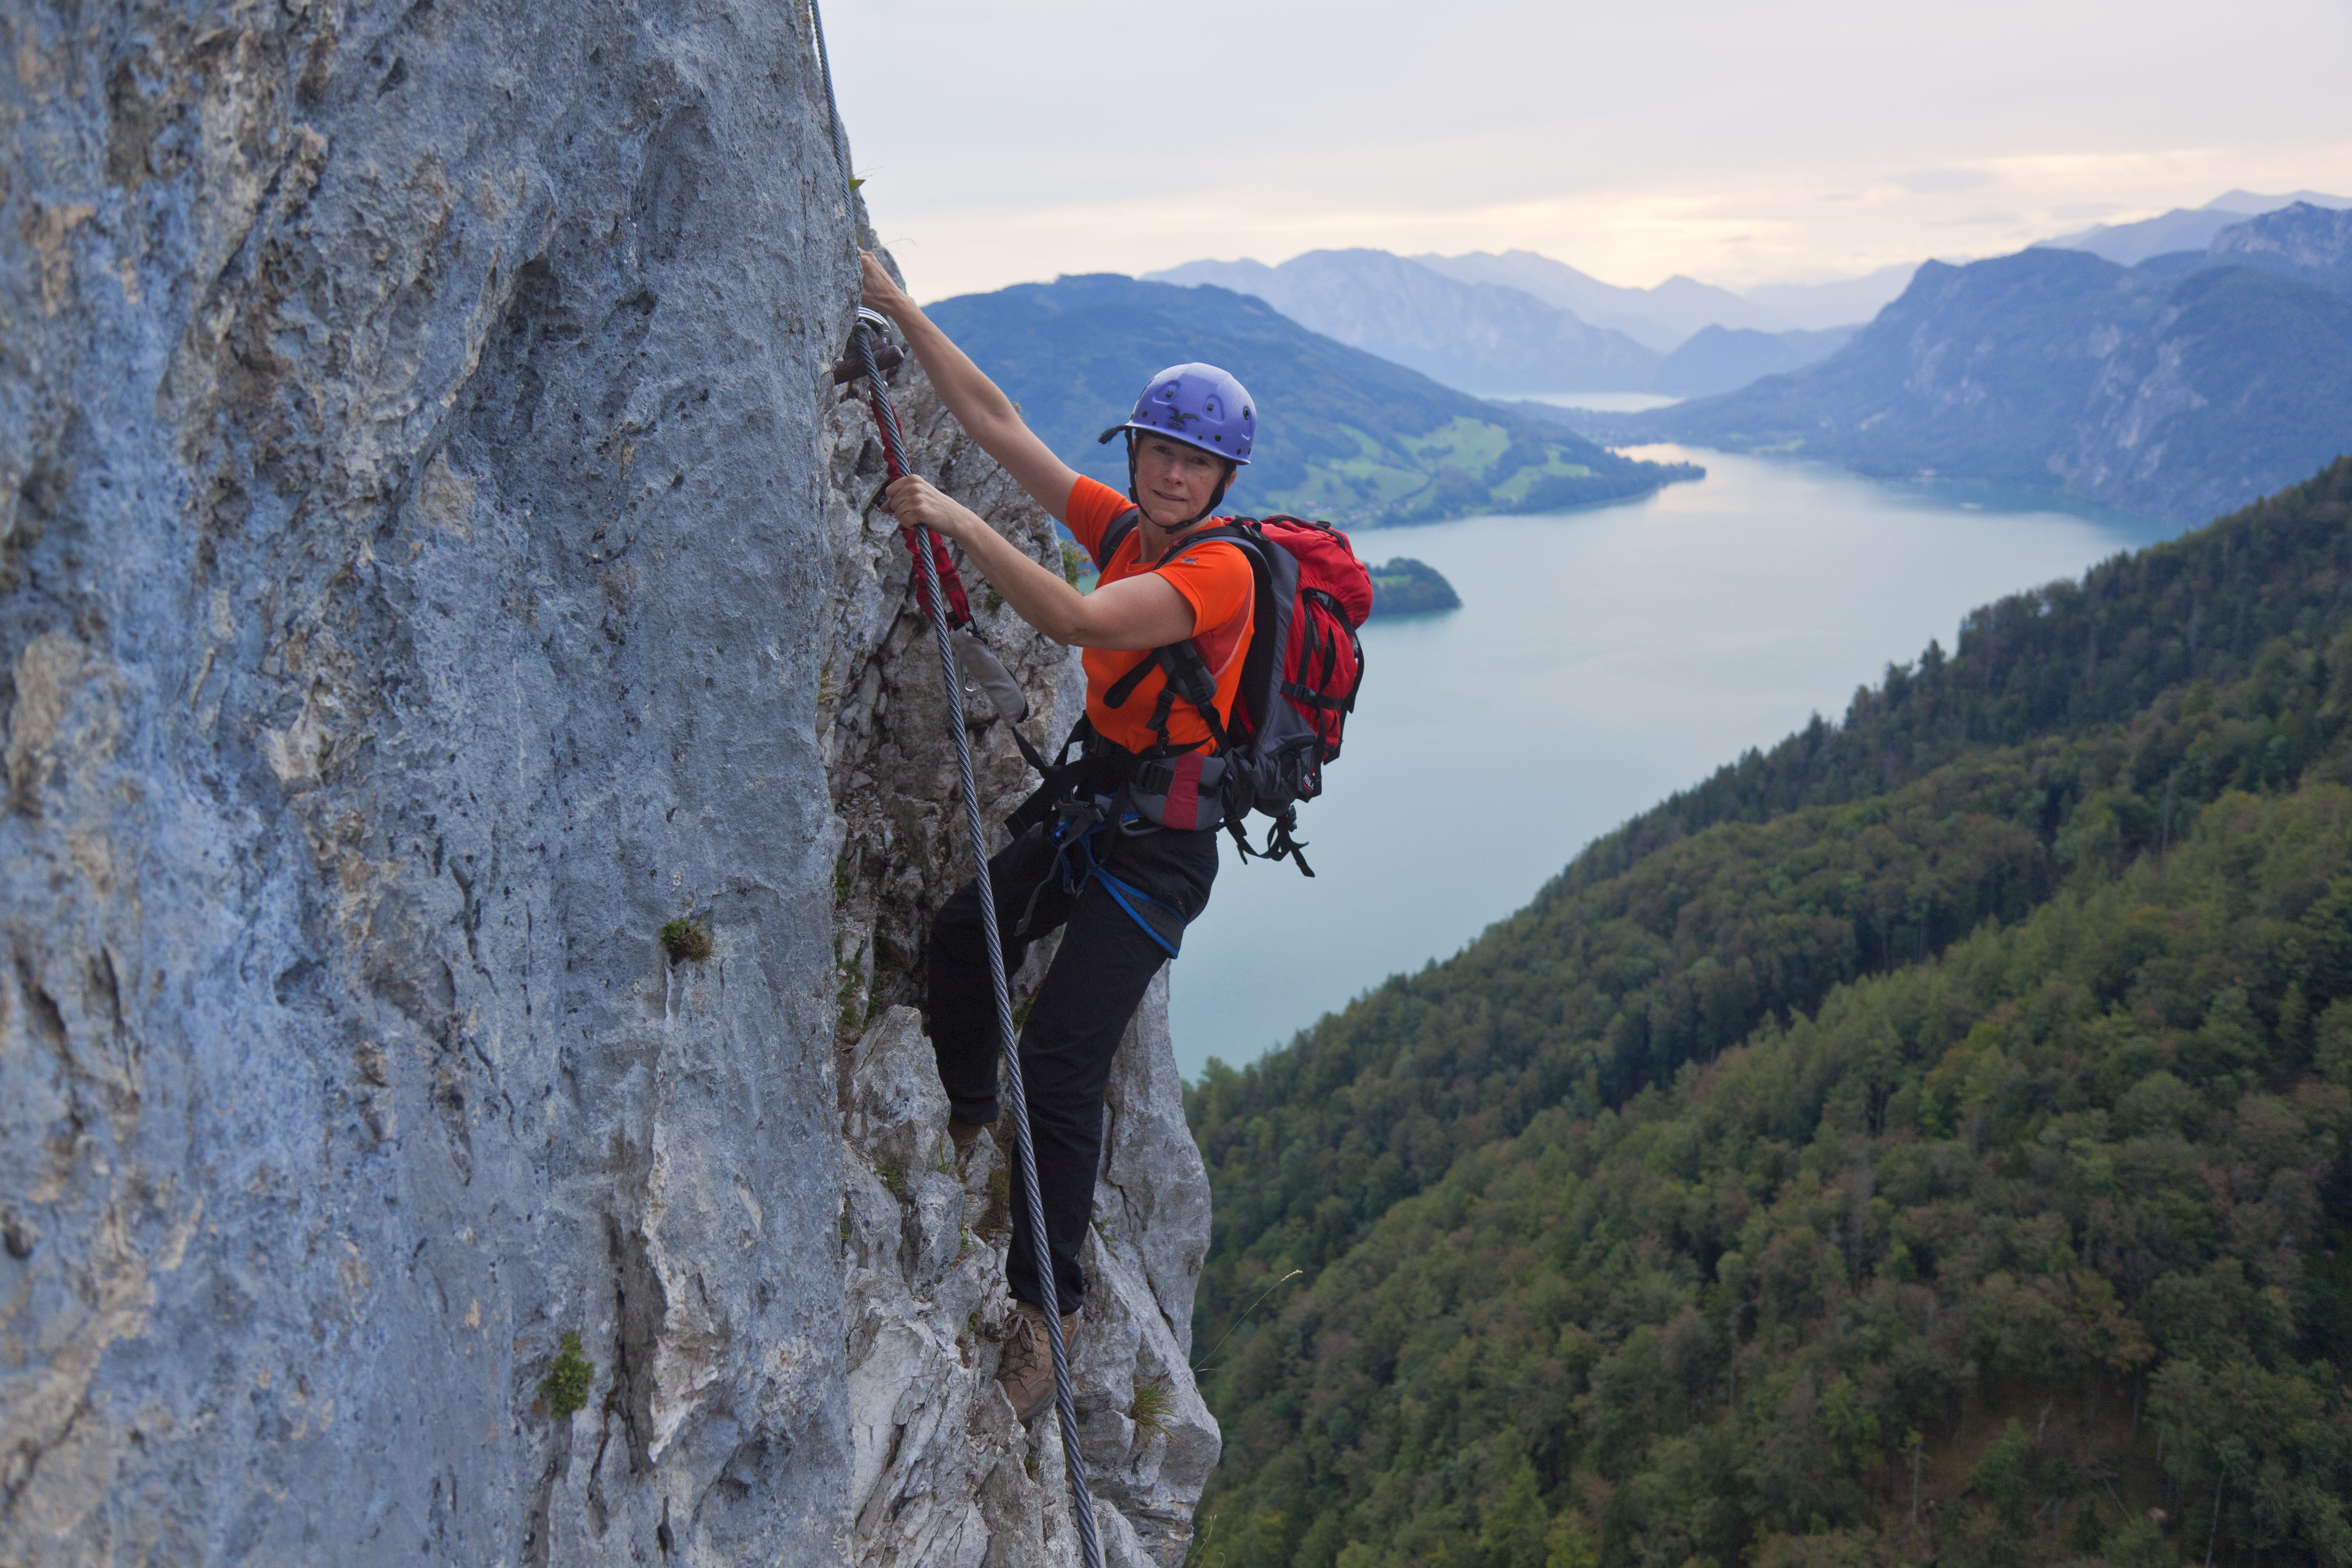 Klettergurt Für 4 Jährige : 10 regeln für klettersteiggeher